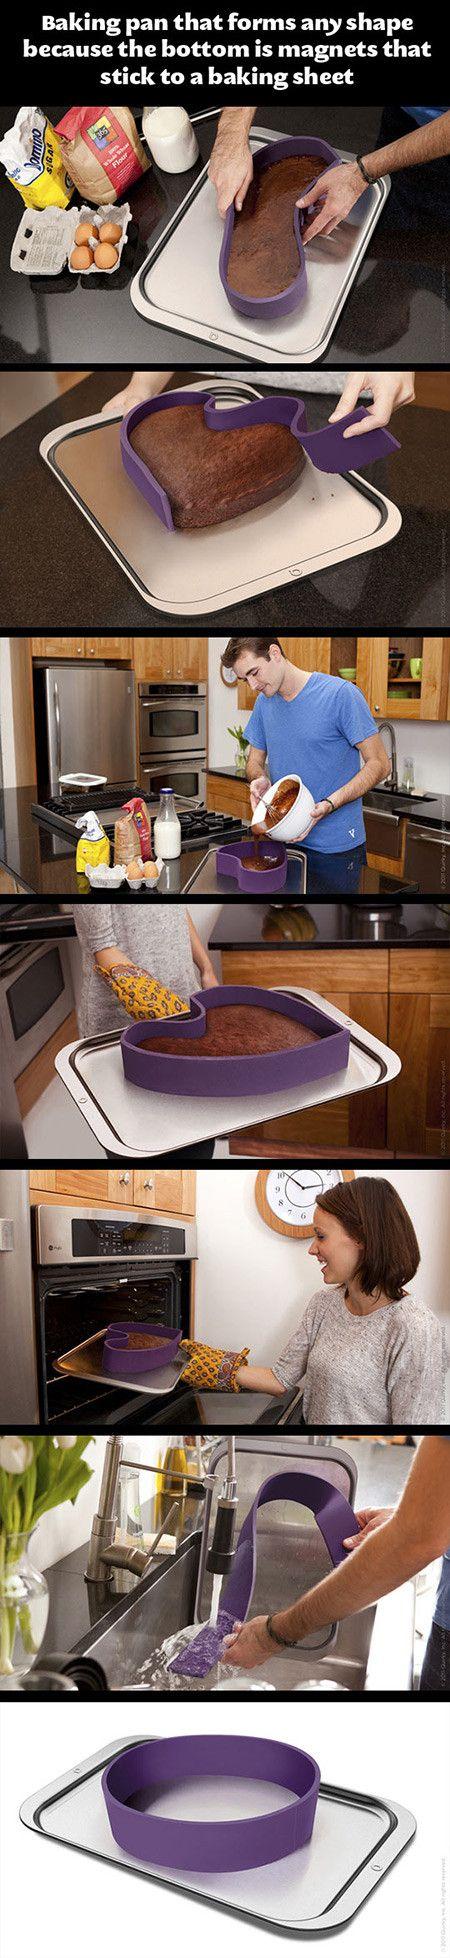 Genial para hacer pasteles de formas diferentes! Funciona con imanes.